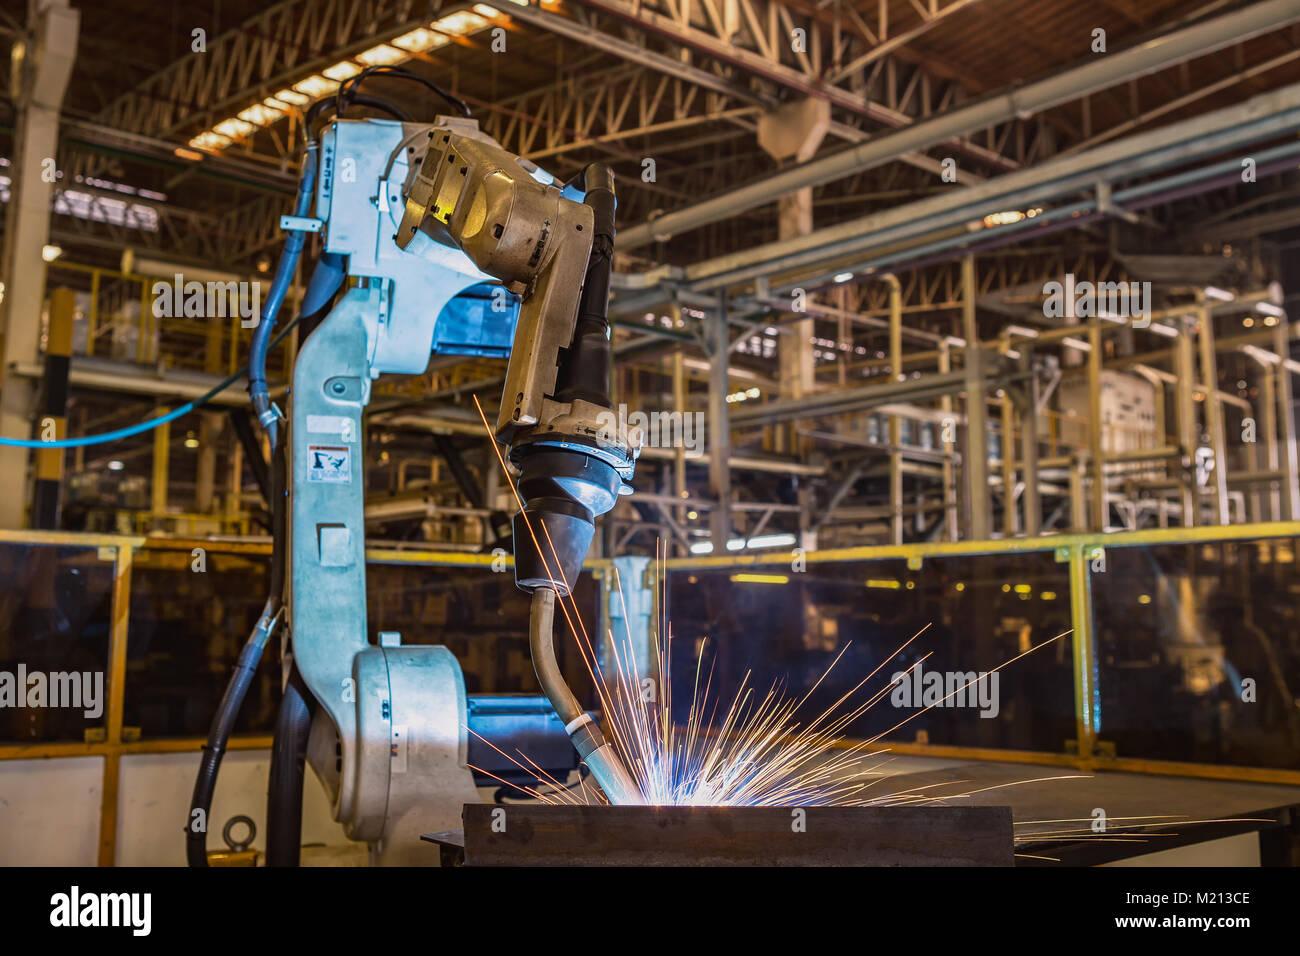 Robot is welding metal part in factory - Stock Image